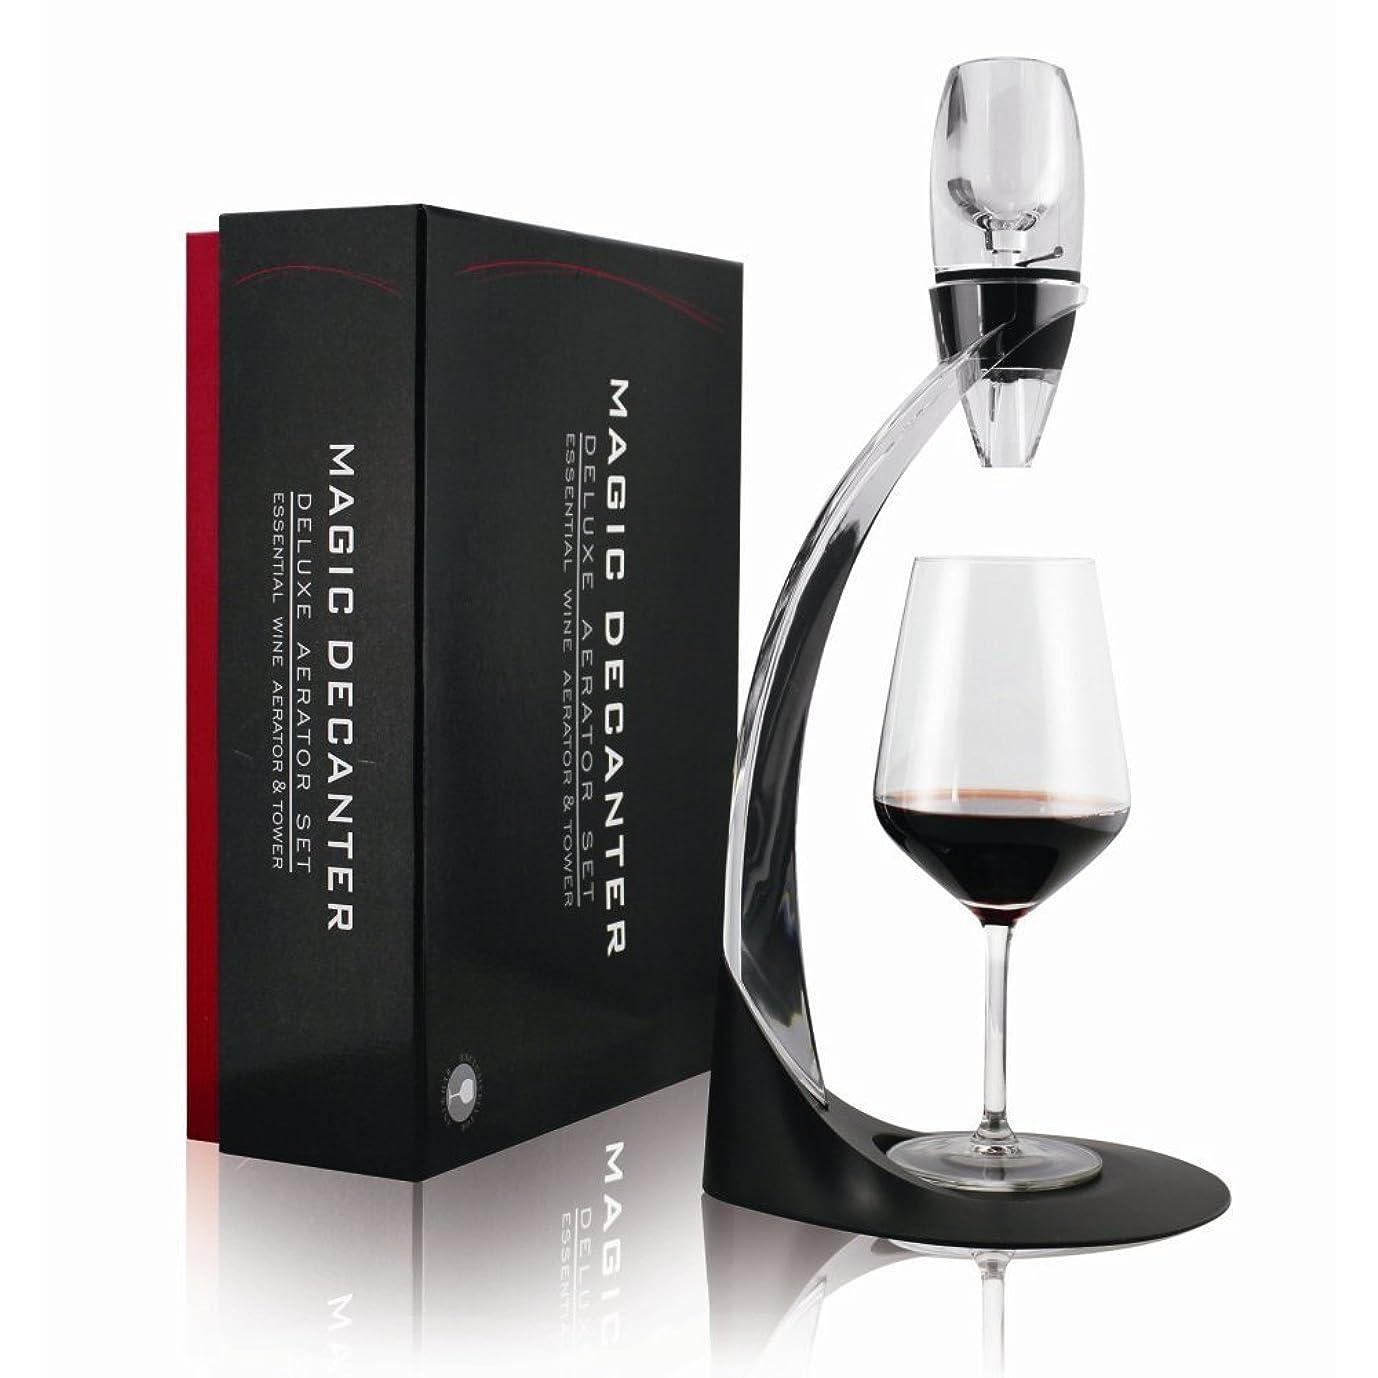 インタビューアシスタントひいきにするタワーセット 赤ワイン用エアレーター 芳香な香り~ ギフト/プレゼントに~Mayshion